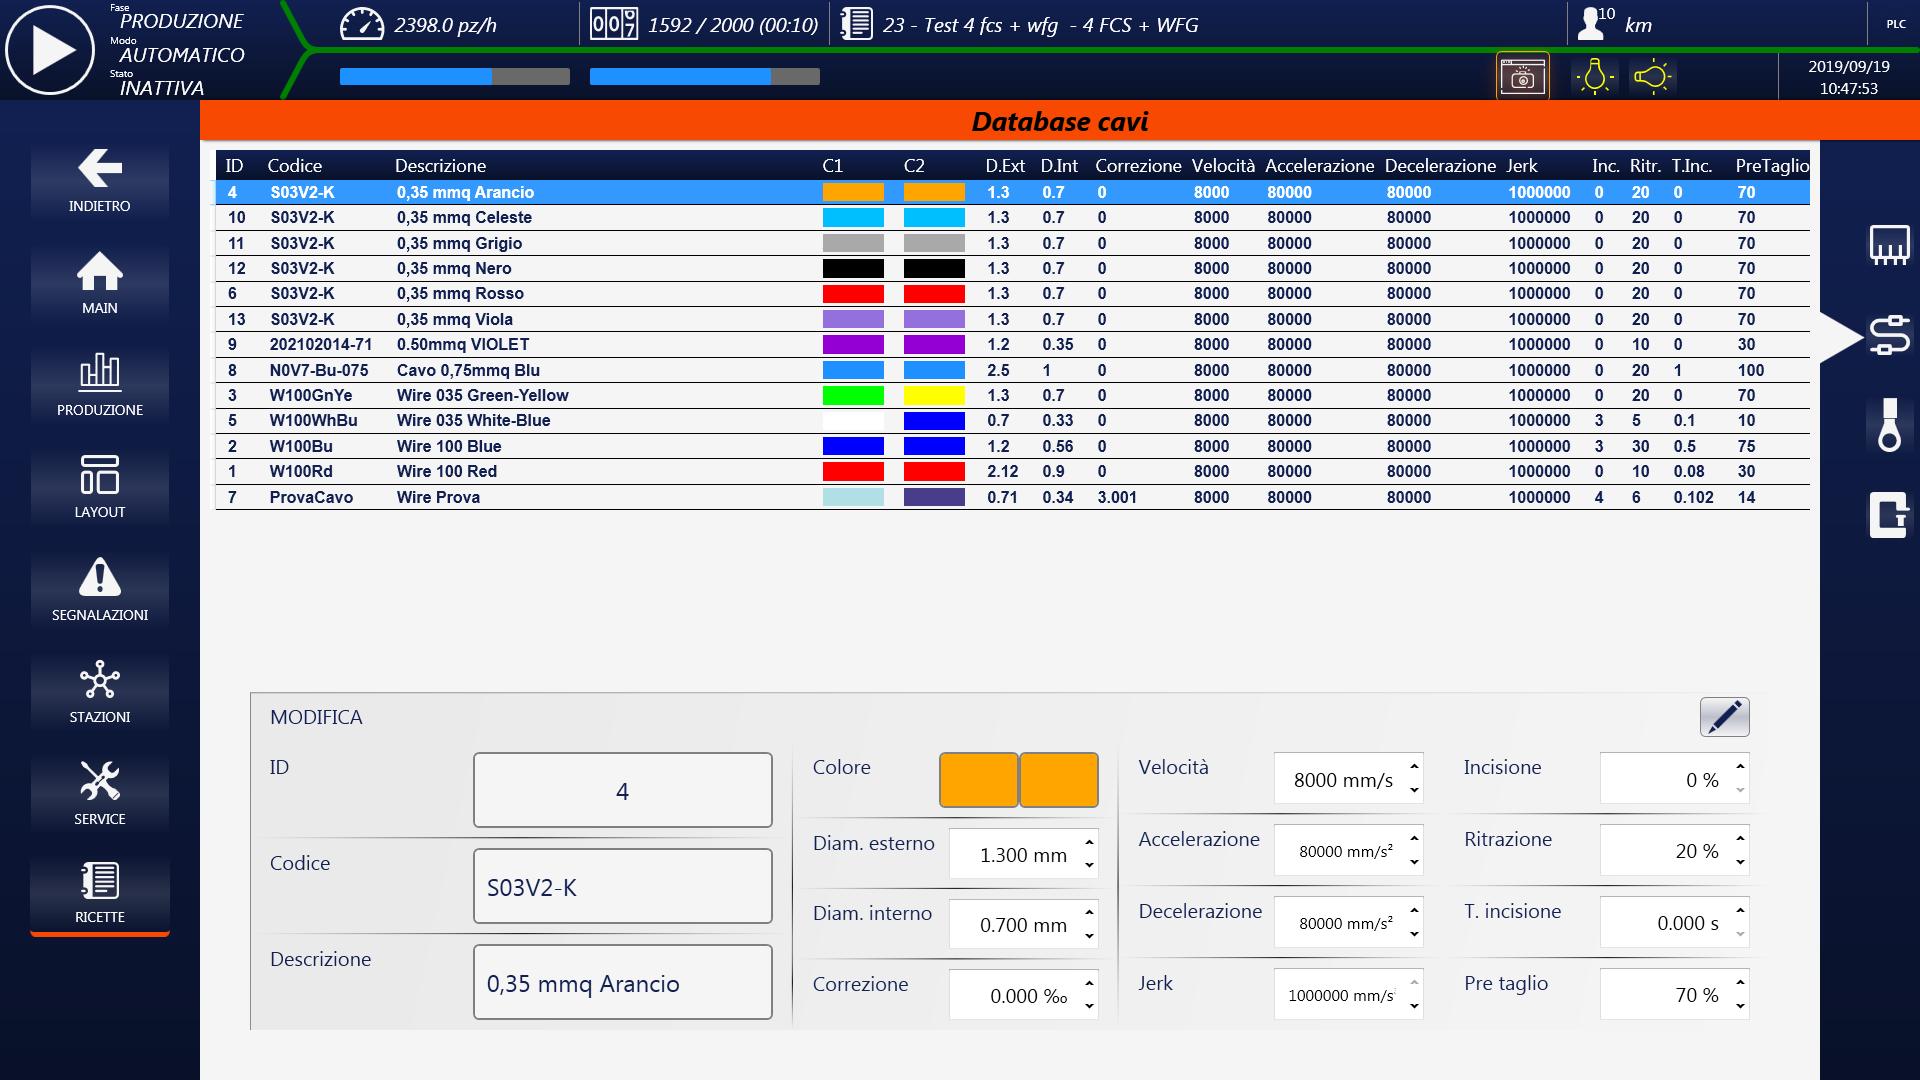 Spac il software per progettare l 39 automazione il for Software per progettare interni